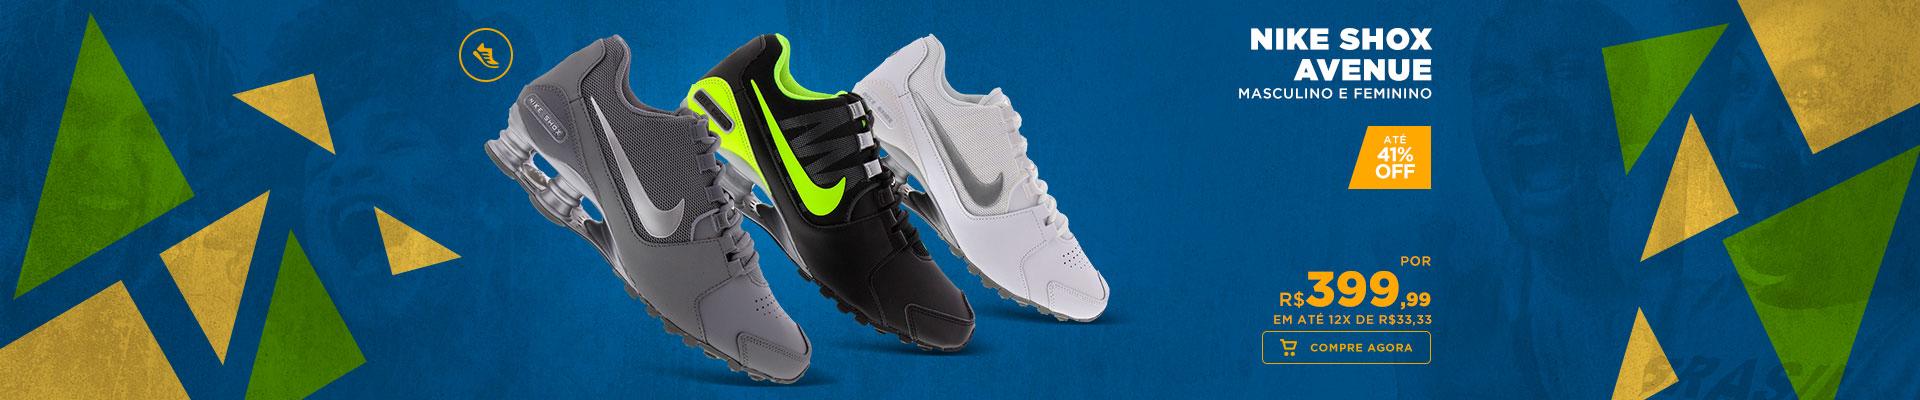 Linha Nike Shox Avenue